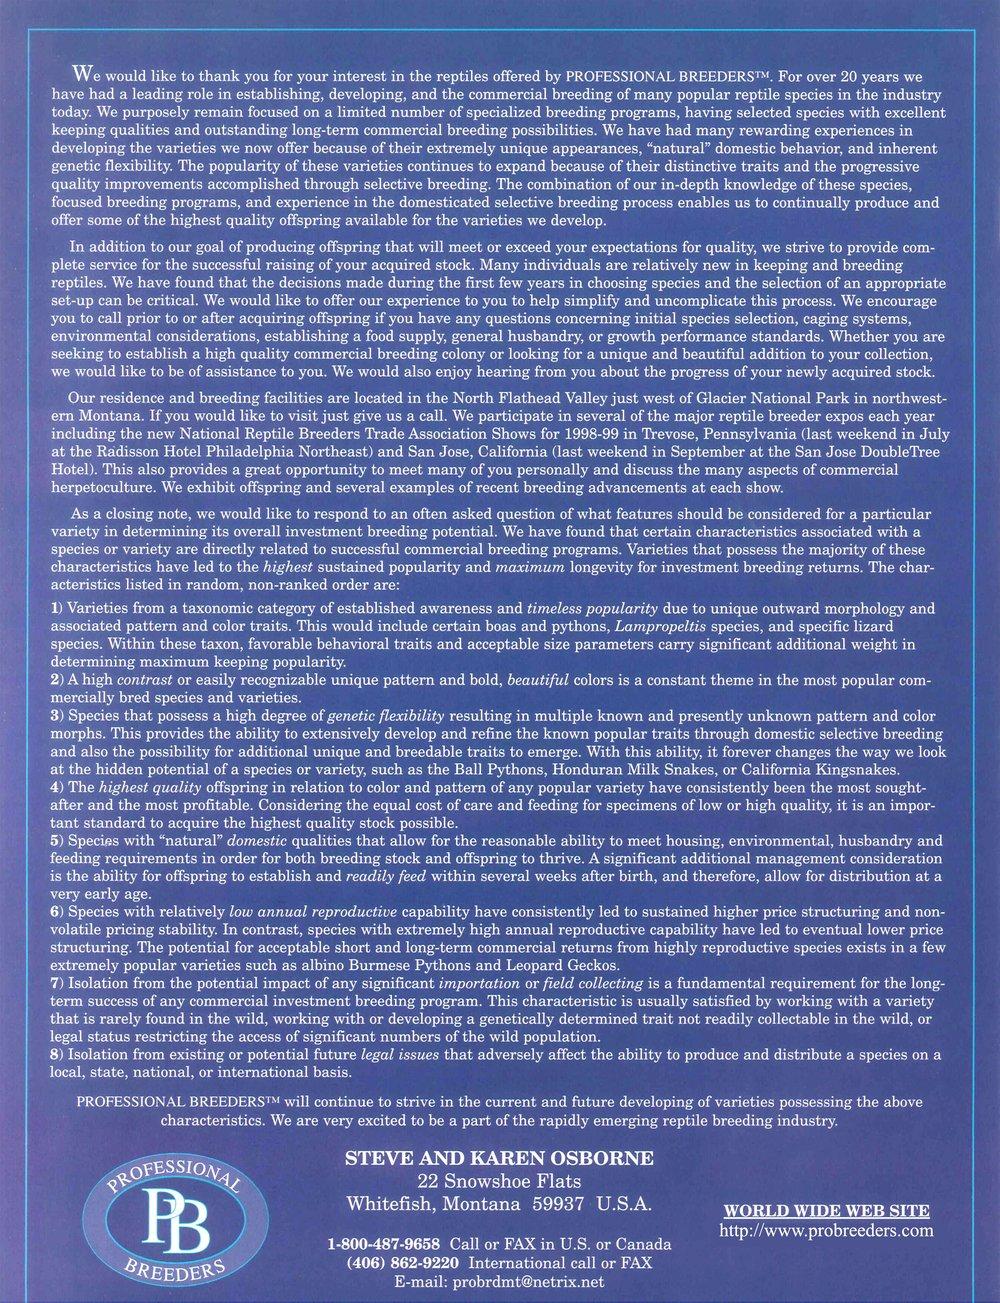 Professional Breeders Brochure_2.jpg